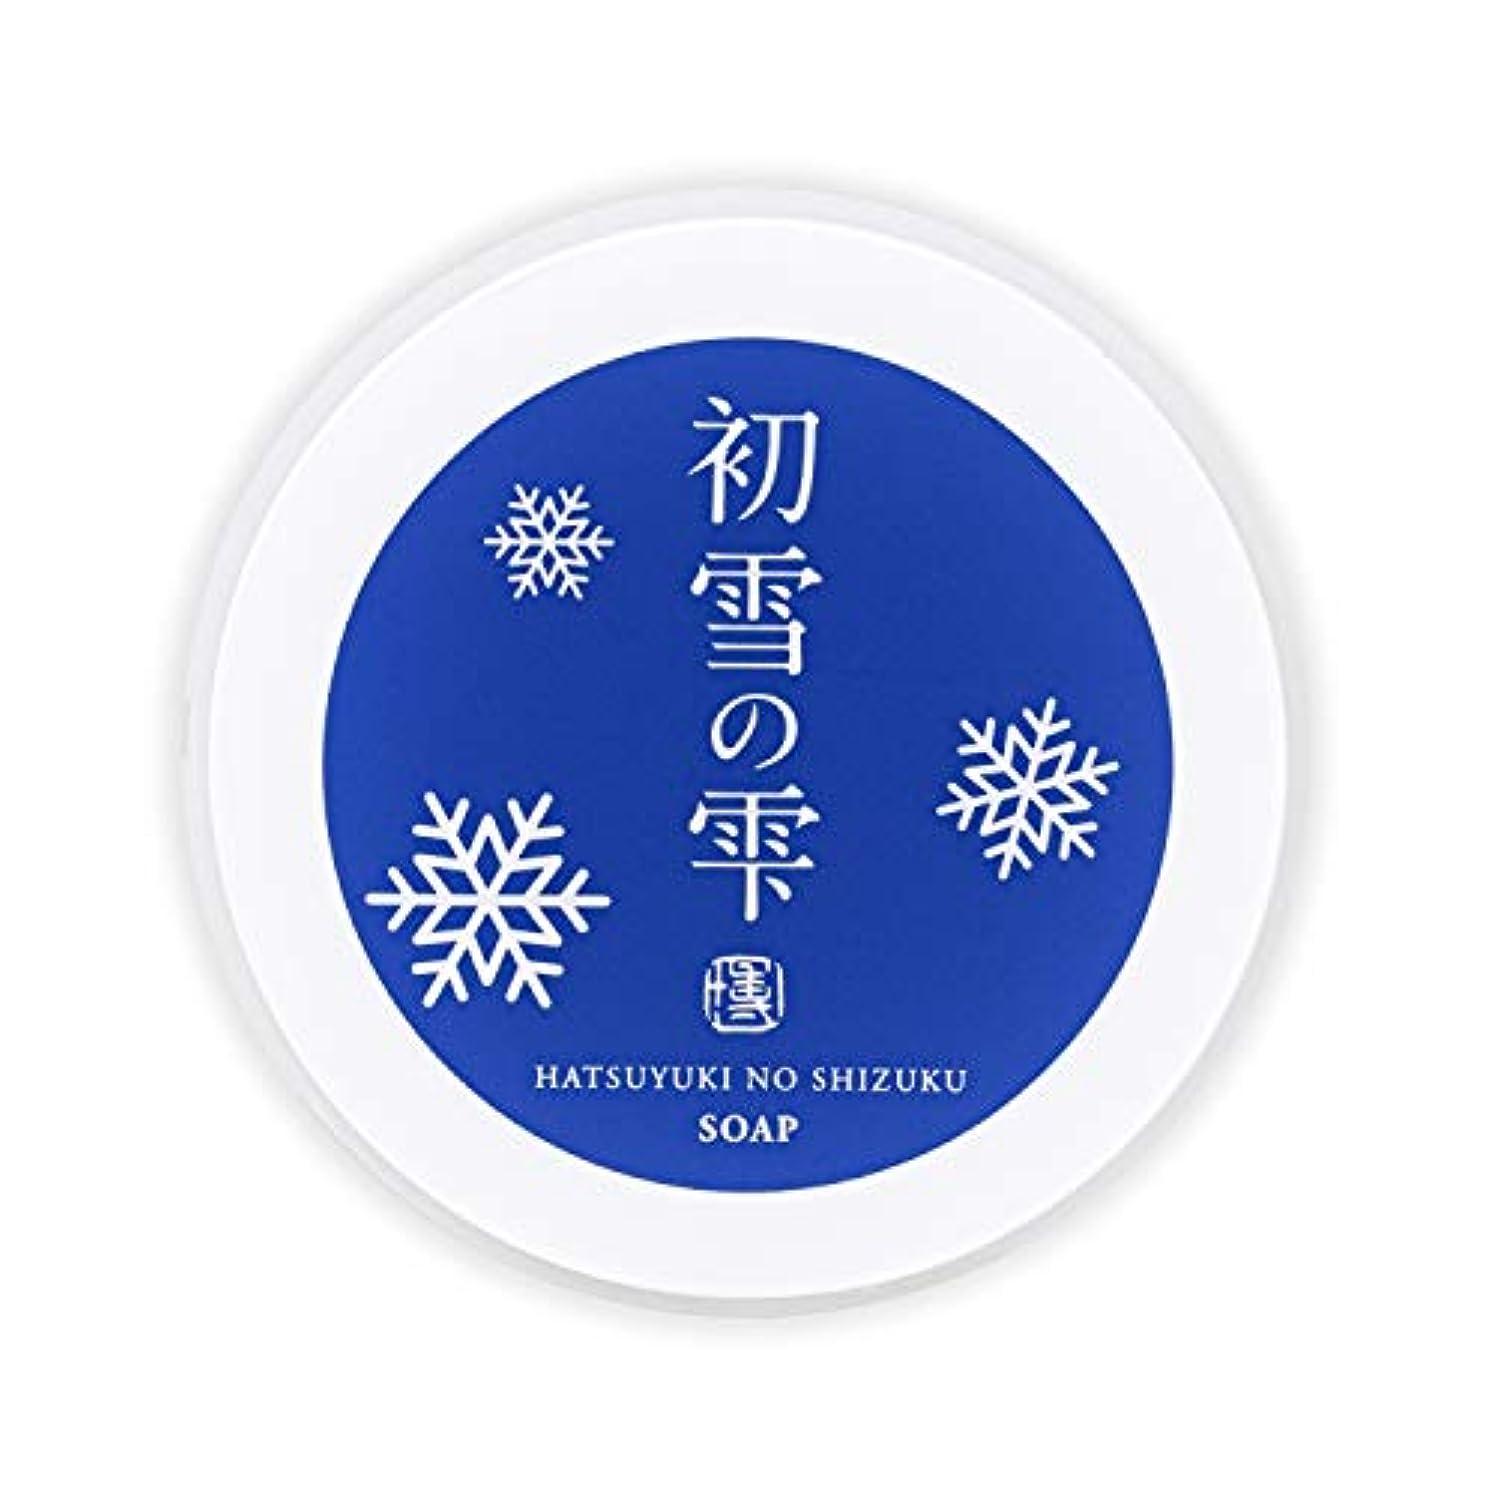 失望ブラインド疑問に思う初雪の雫 洗顔 練り せっけん ジャータイプ 34g [アミノ酸 ヒアルロン酸 プラセンタエキス セラミド 配合]